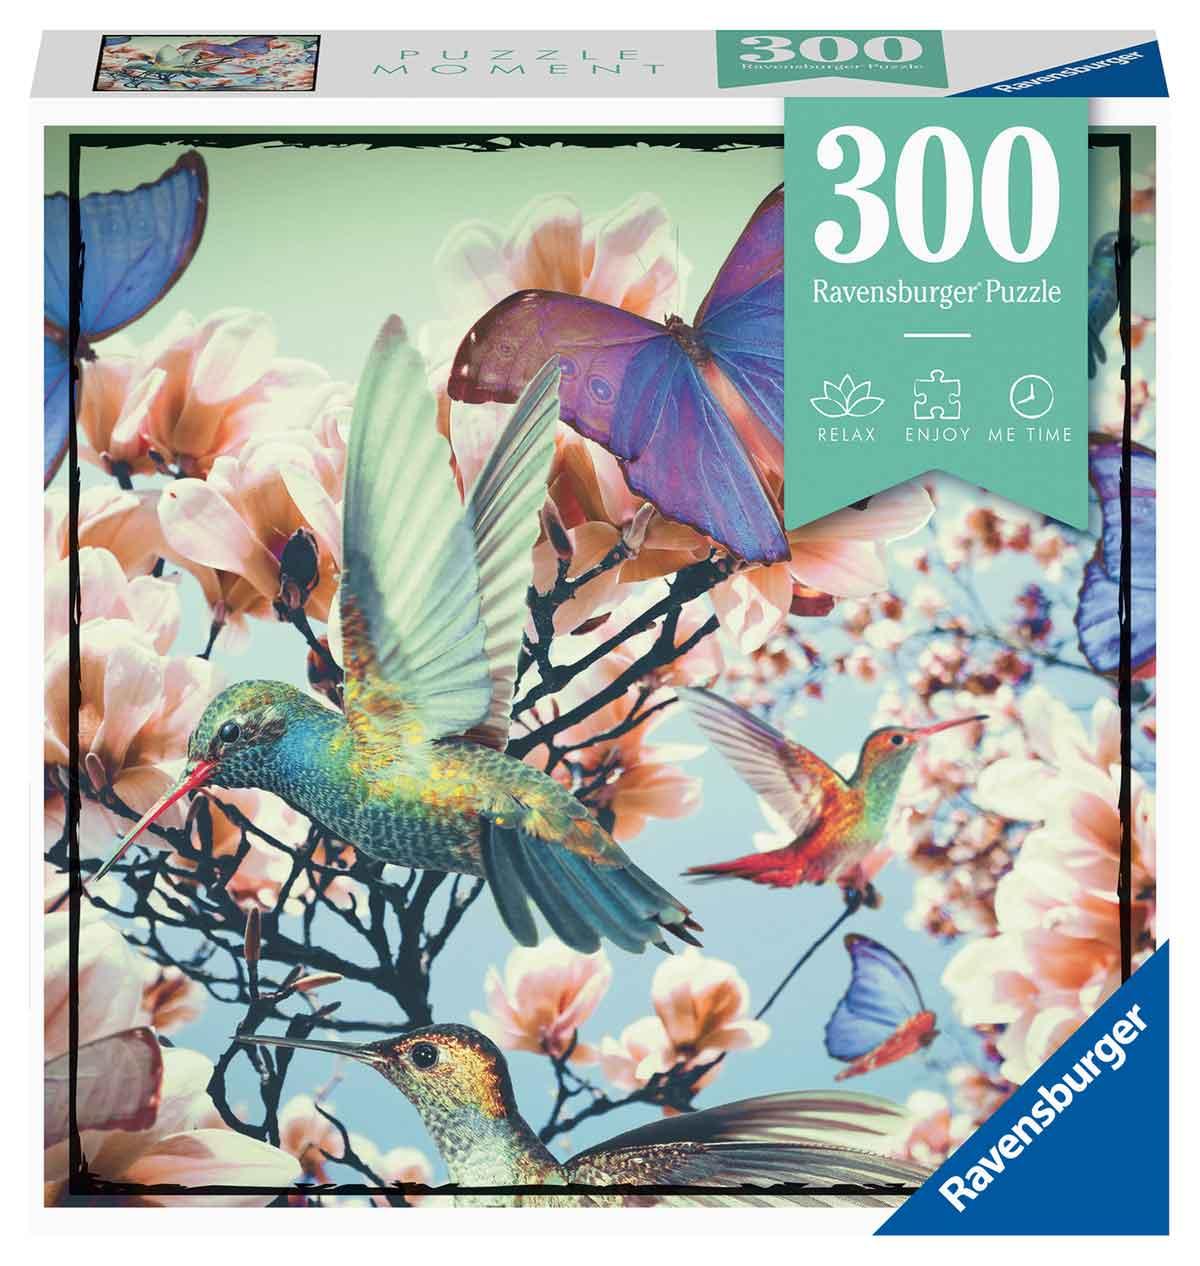 Puzzle Ravensburger Moment Colibrí y Mariposa de 300 Piezas